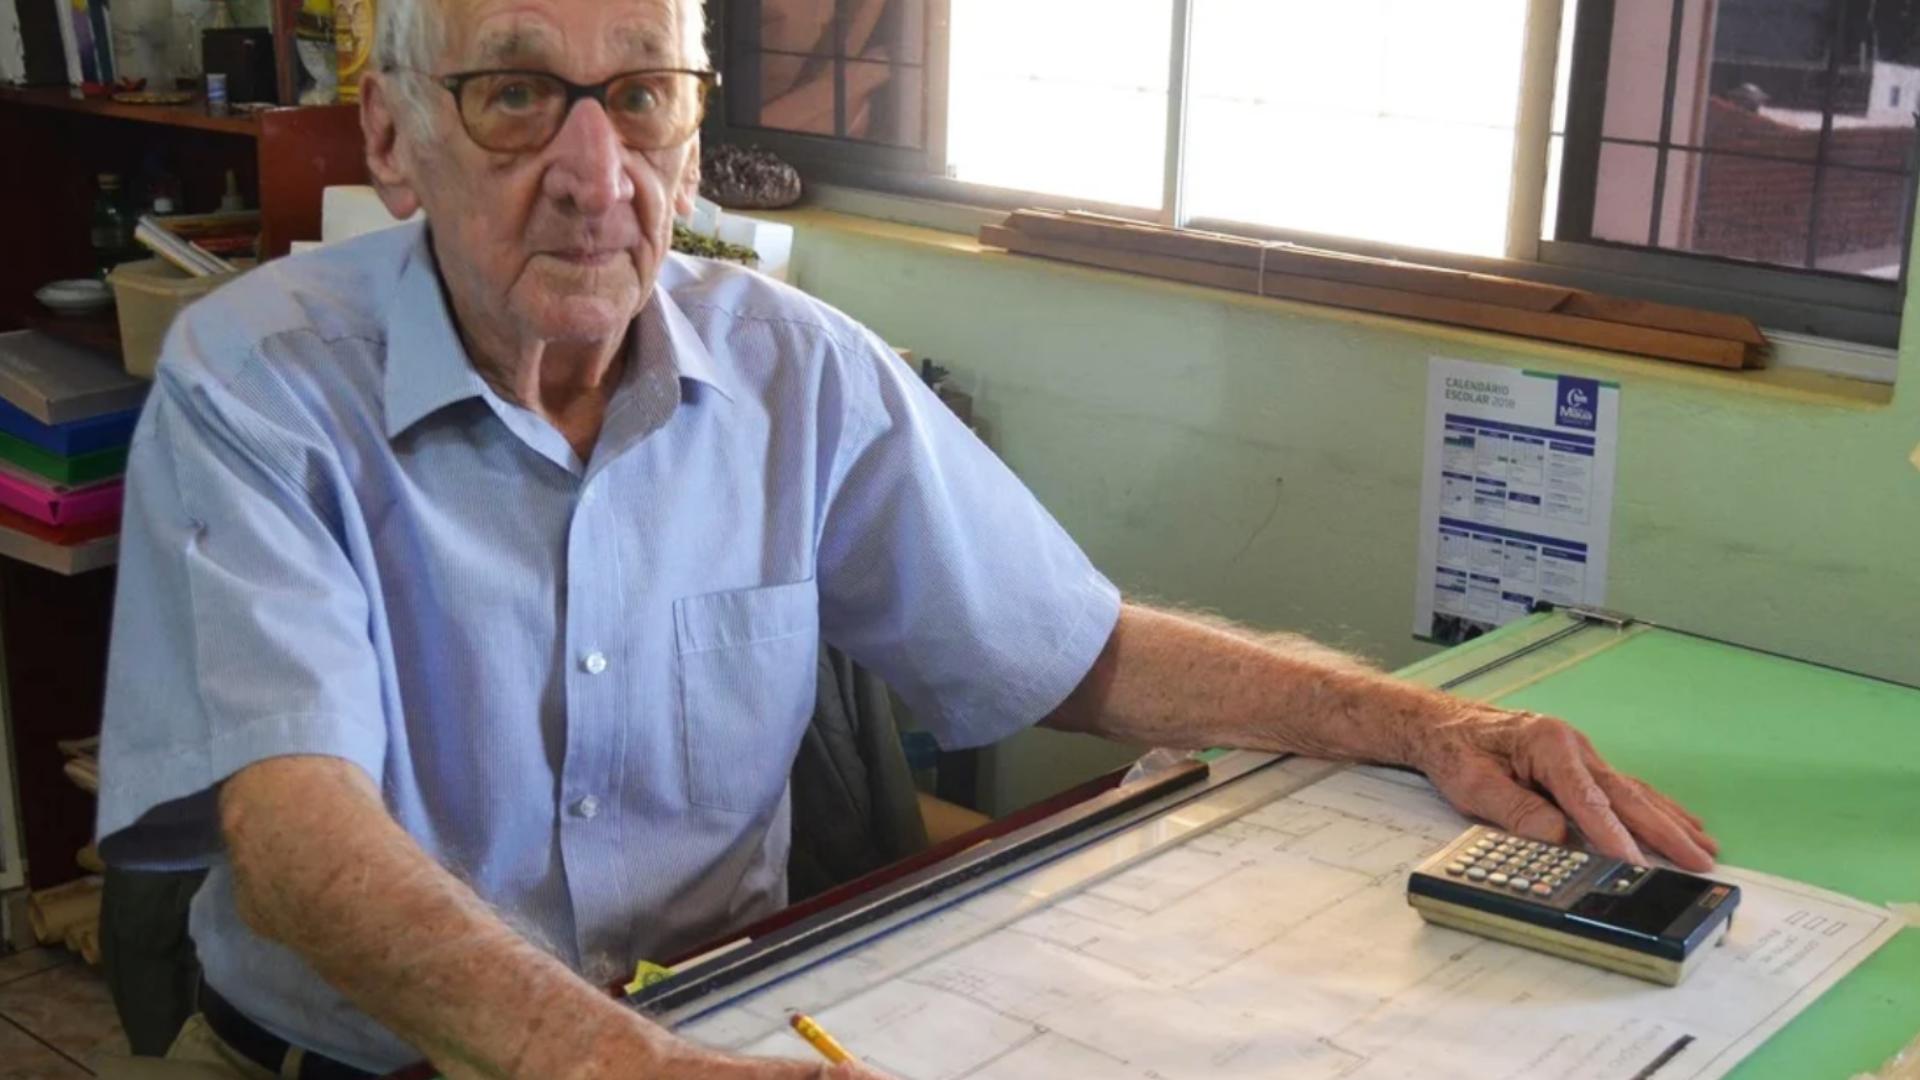 Abuelito cumple su sueño de estudiar arquitectura a sus 92 años